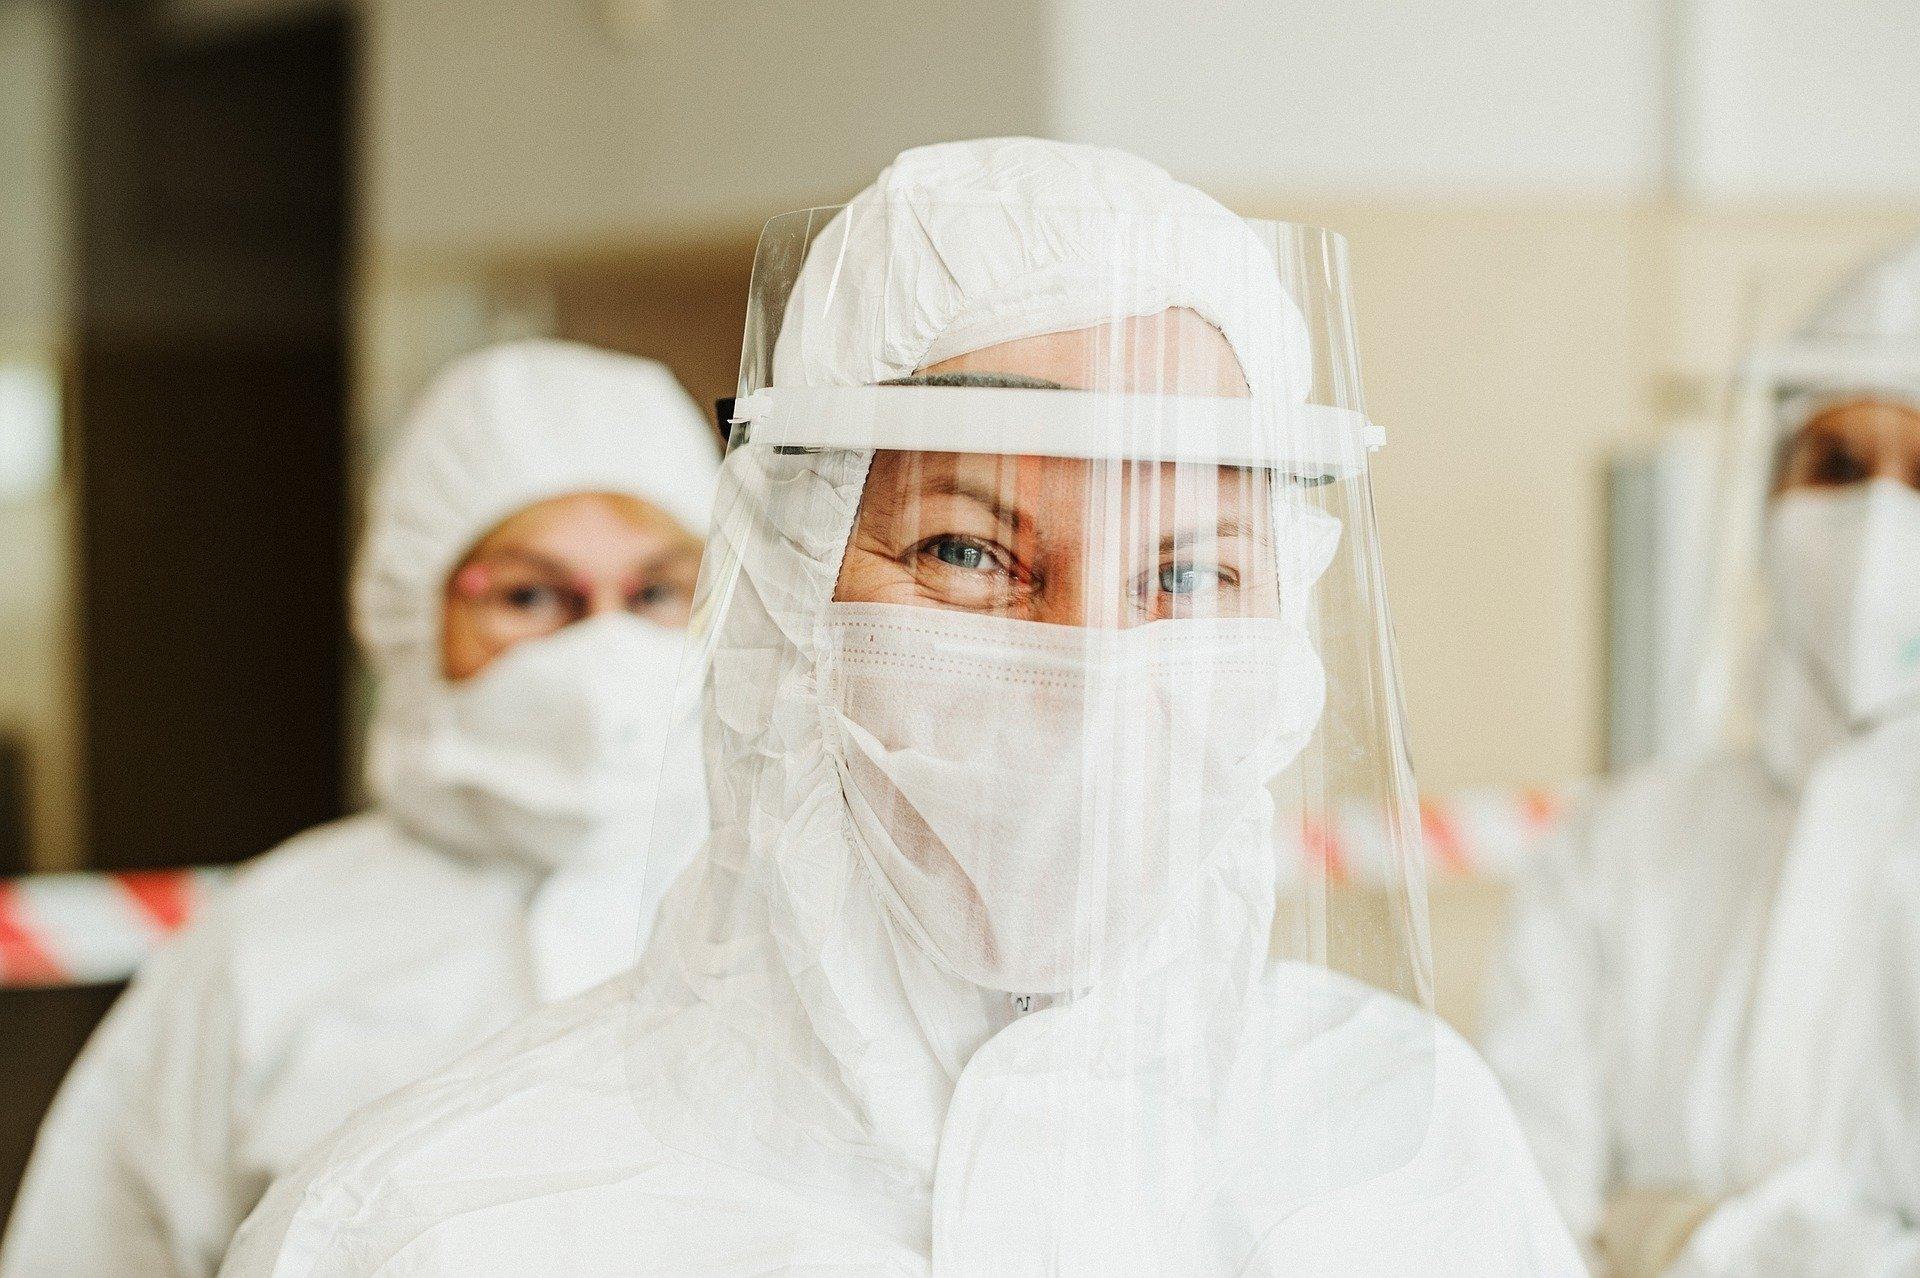 Когда Германия начнет вакцинацию от коронавируса